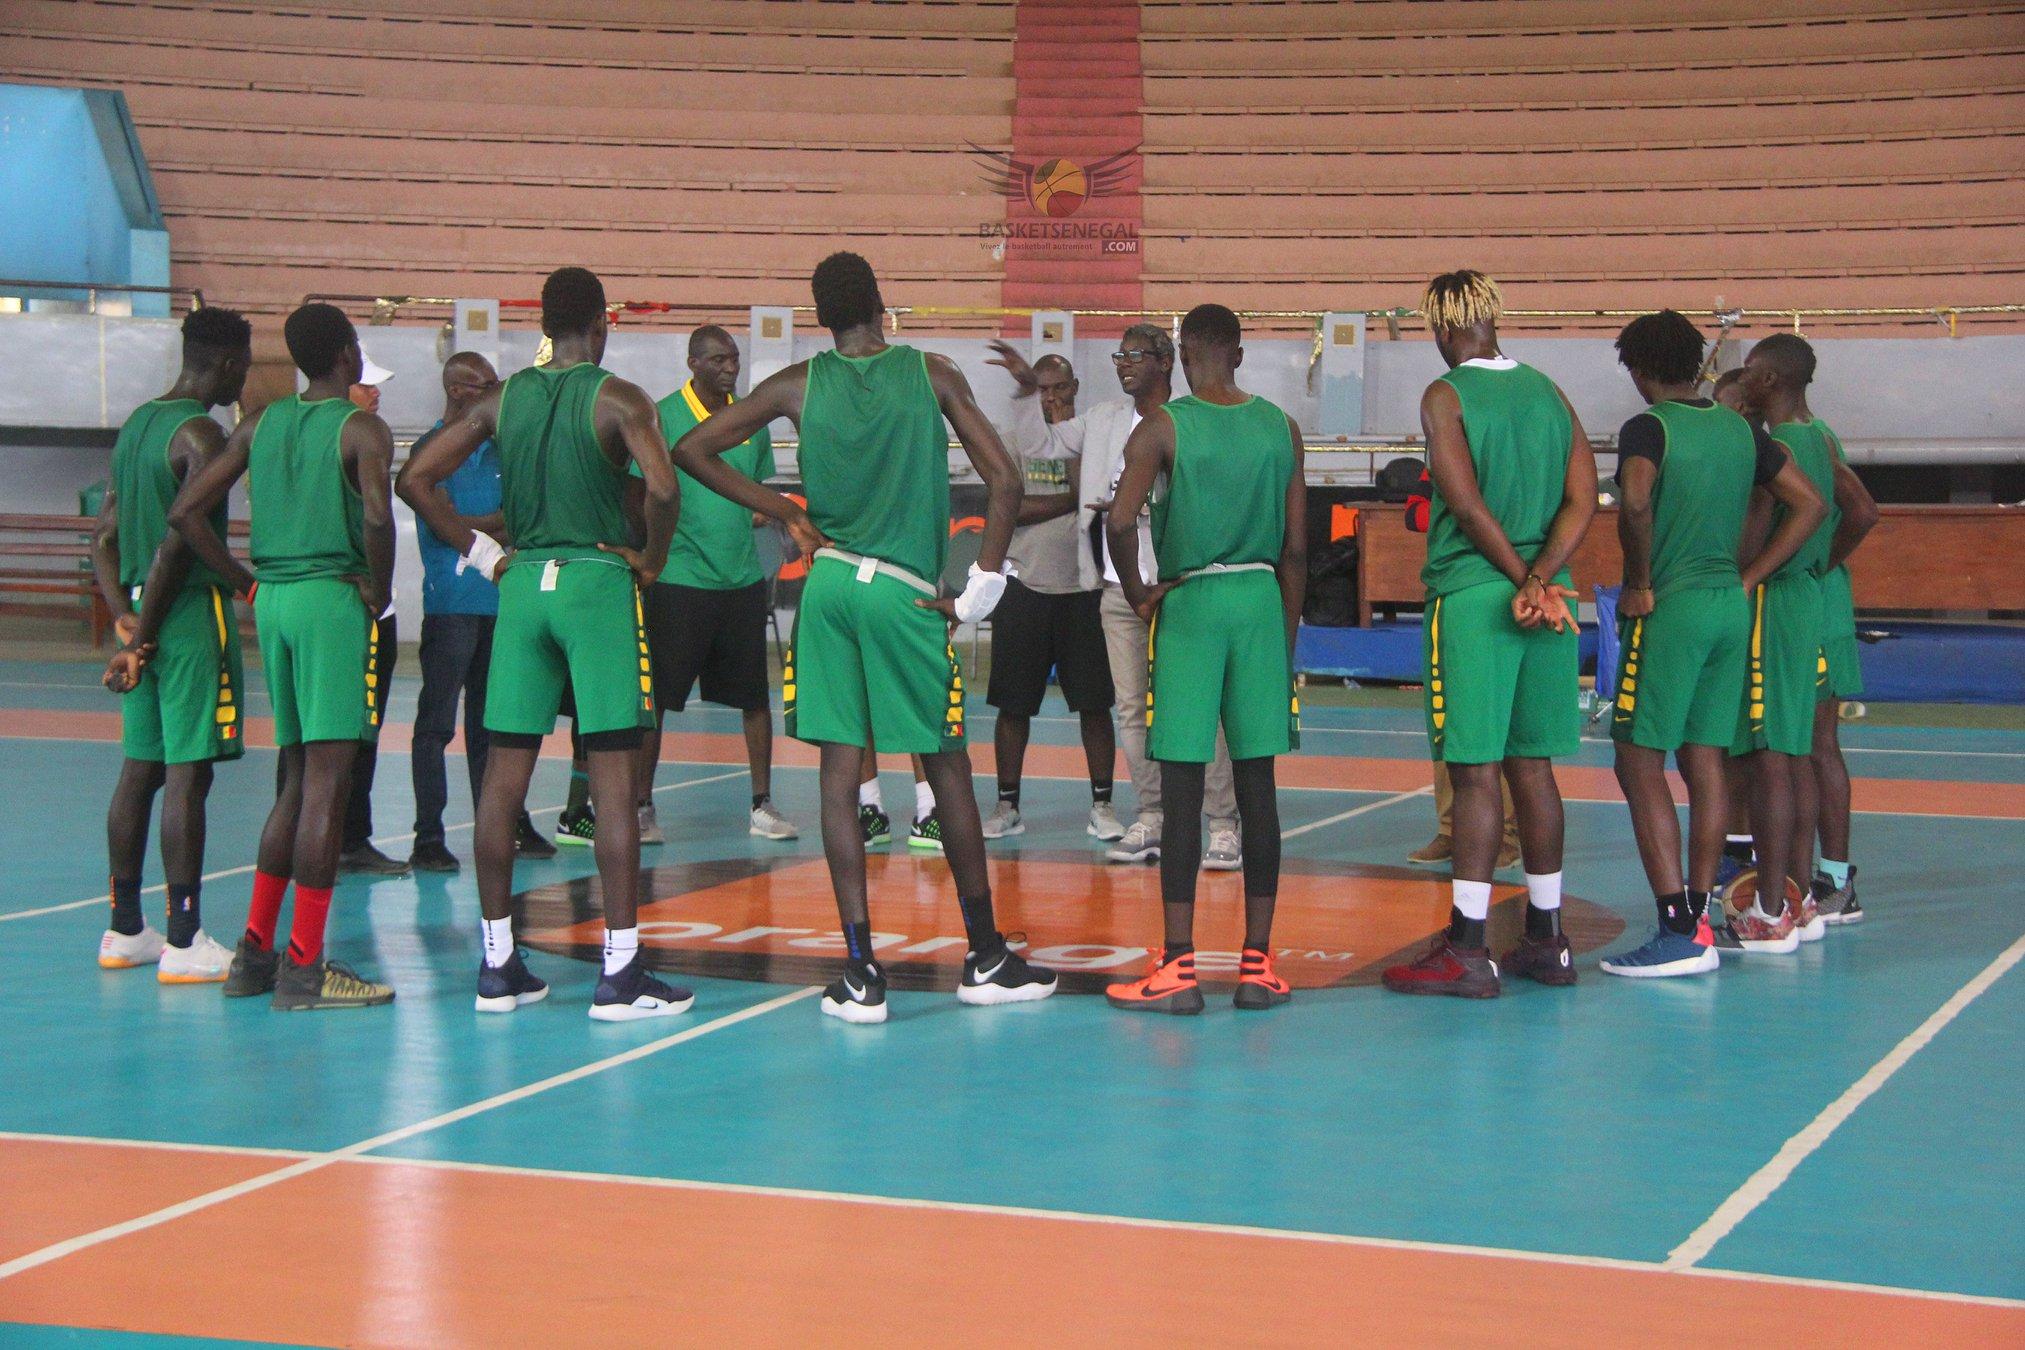 - Un groupe de personnes debout sur un terrain de basket - Jeu